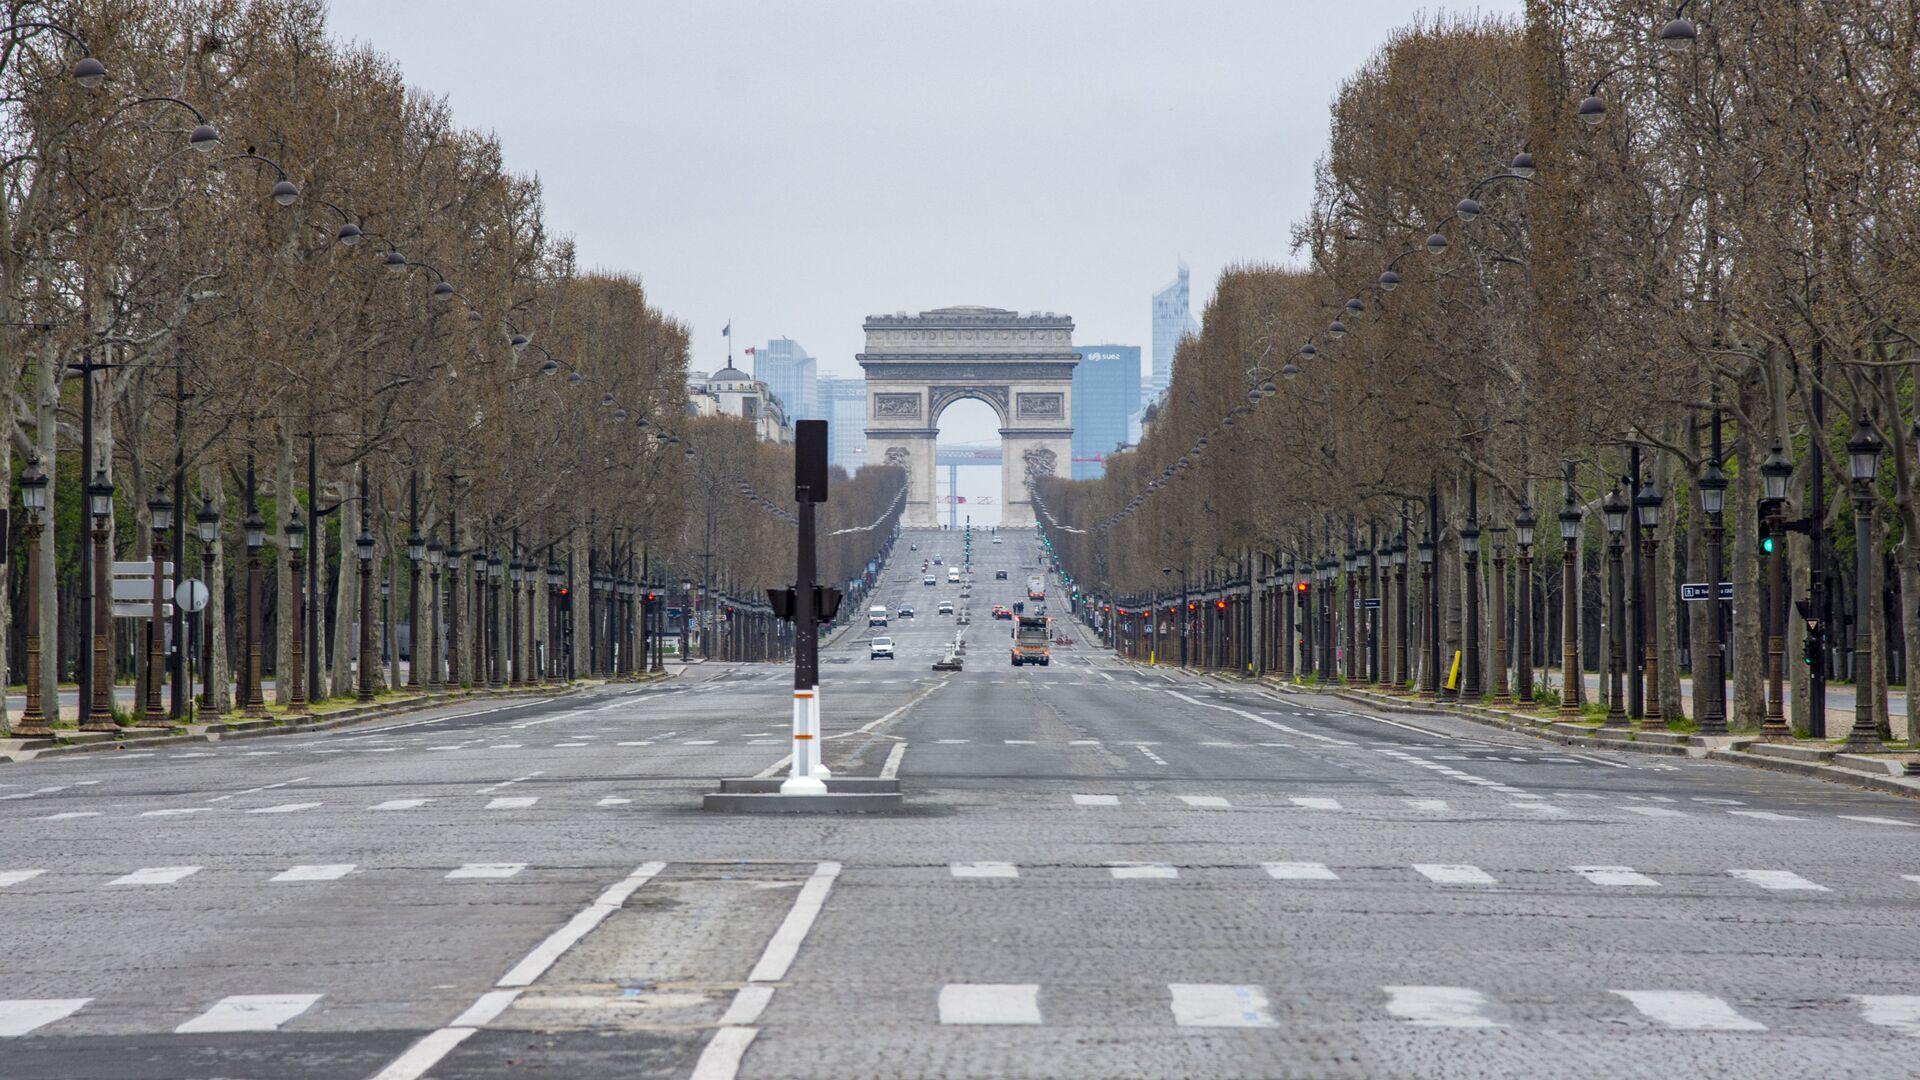 Widok na opustoszałe Pola Elizejskie z Place de la Concorde w Paryżu  - Sputnik Polska, 1920, 31.08.2021